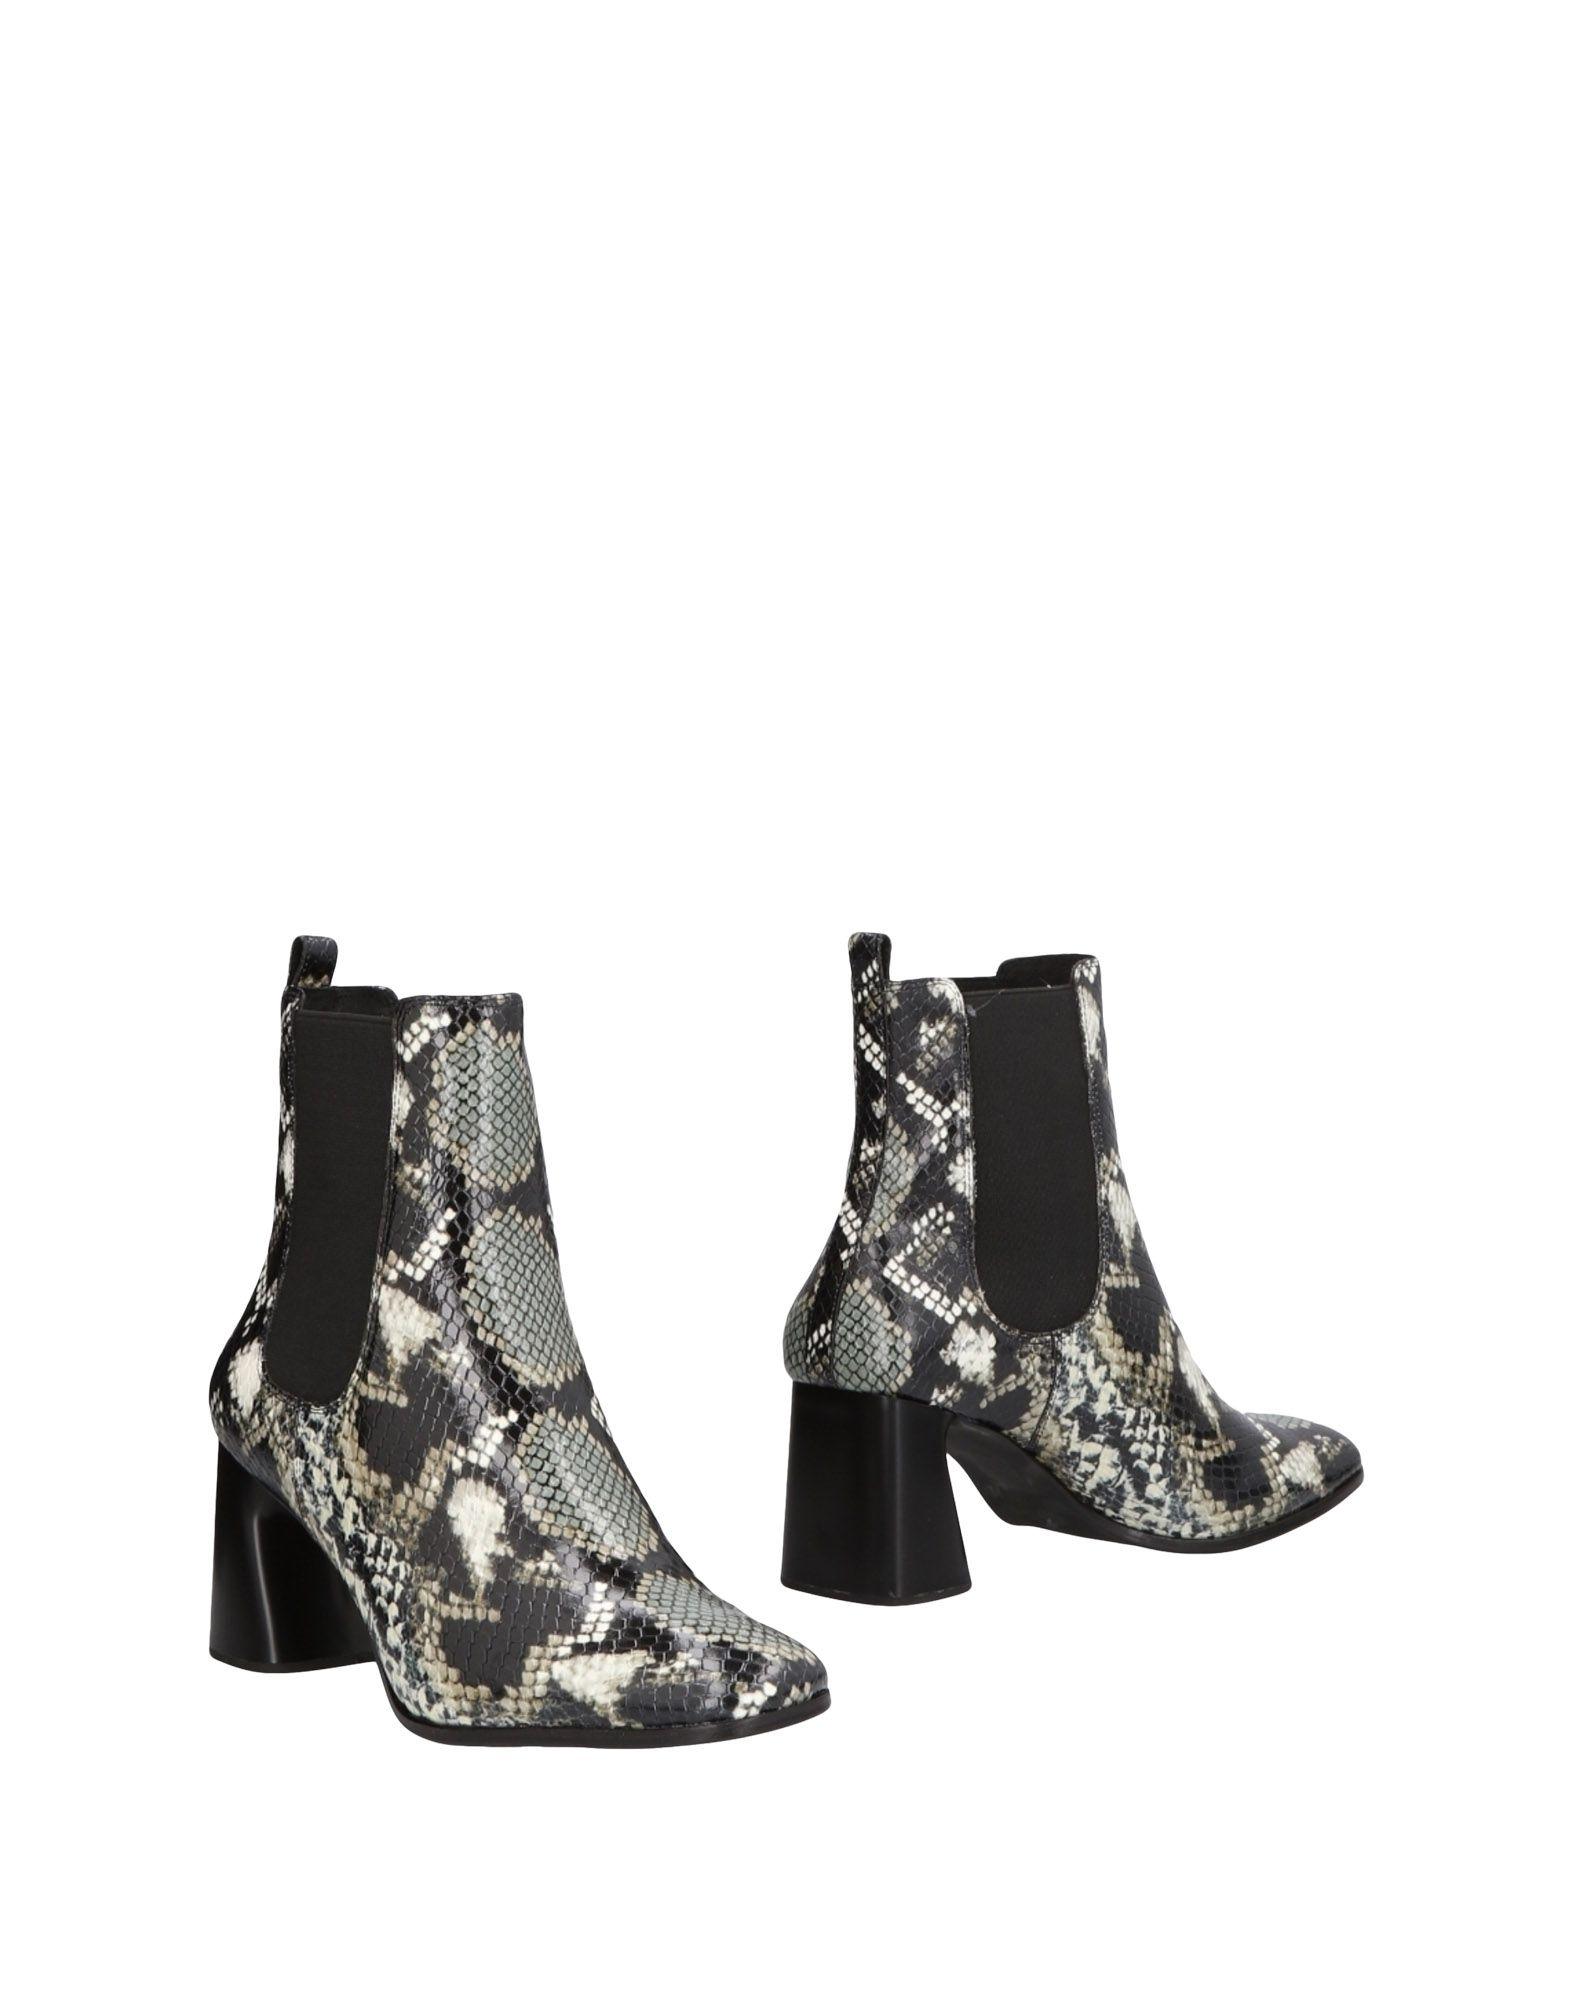 Bottillons Jeffrey Campbell Femme - Bottillons Jeffrey Campbell Noir Dernières chaussures discount pour hommes et femmes